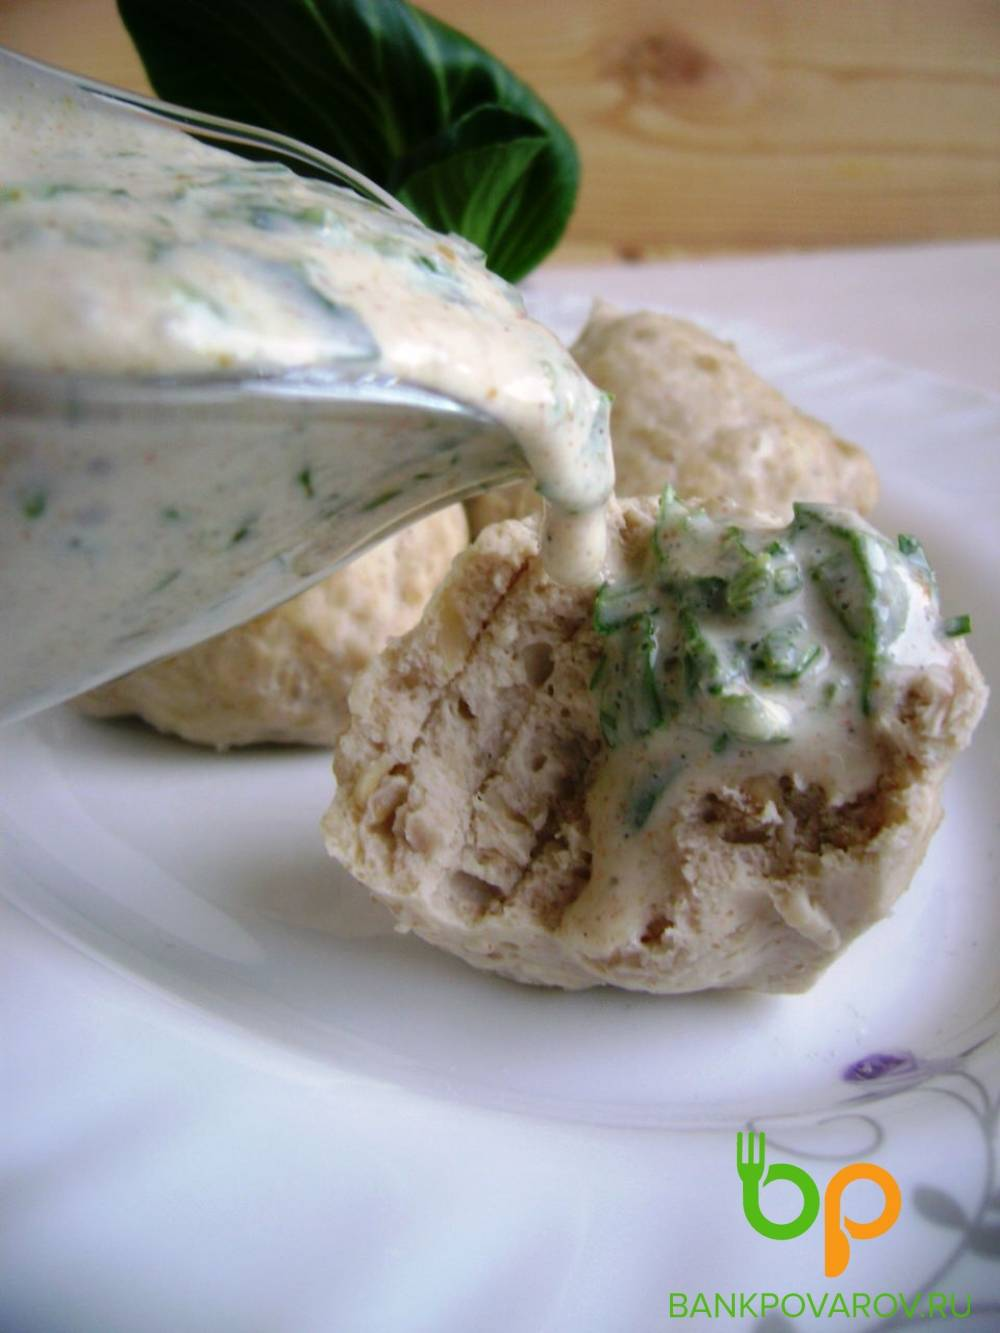 Диетические куриные тефтели на пару с йогуртовым соусом - пошаговый рецепт с фото на сайте банк поваров